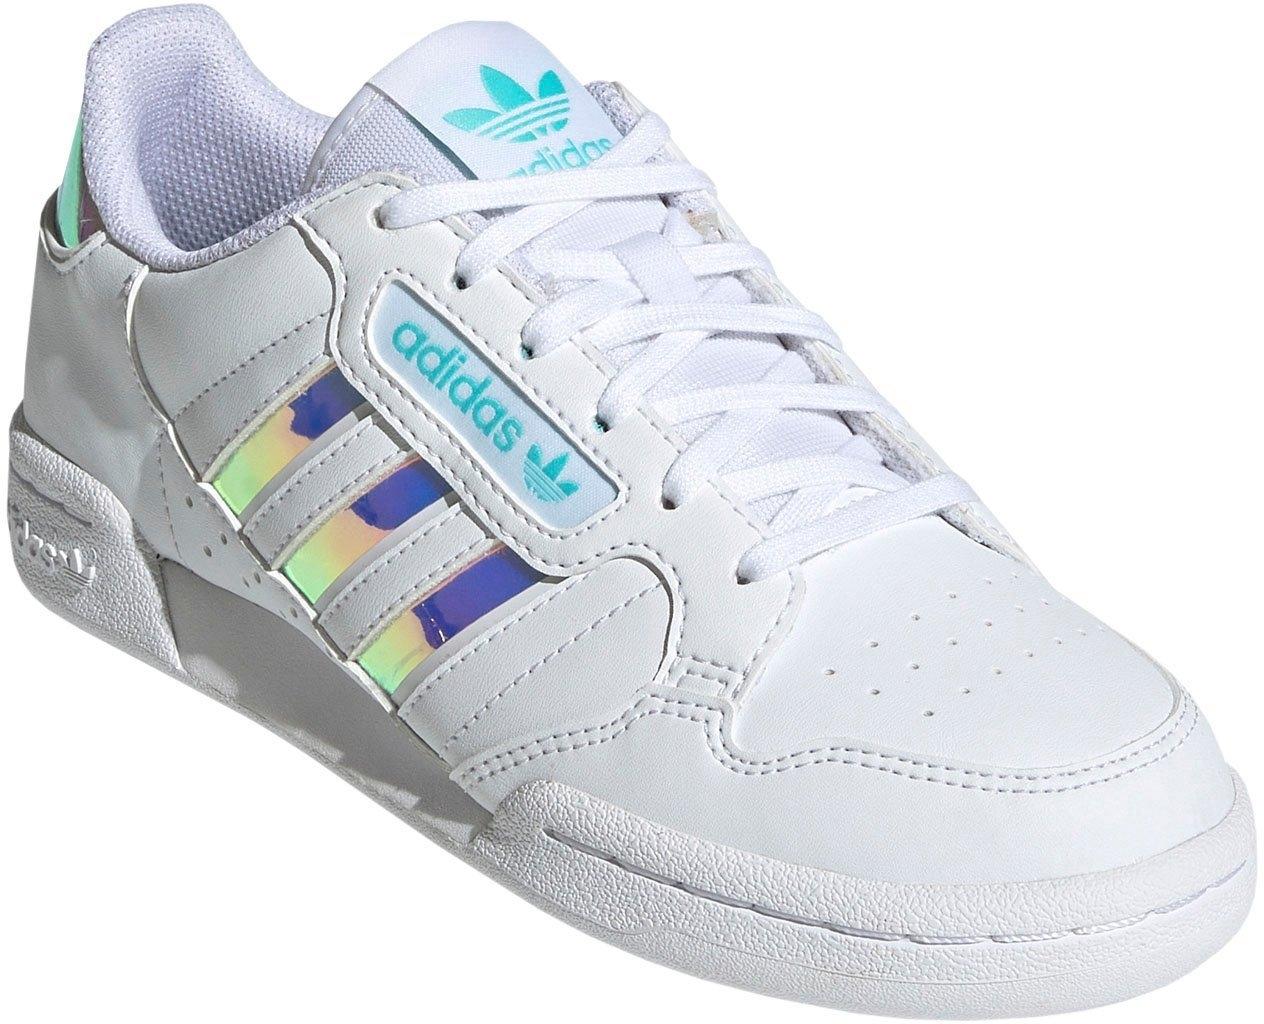 adidas Originals sneakers CONTINENTAL 80 STRIPES bestellen: 30 dagen bedenktijd